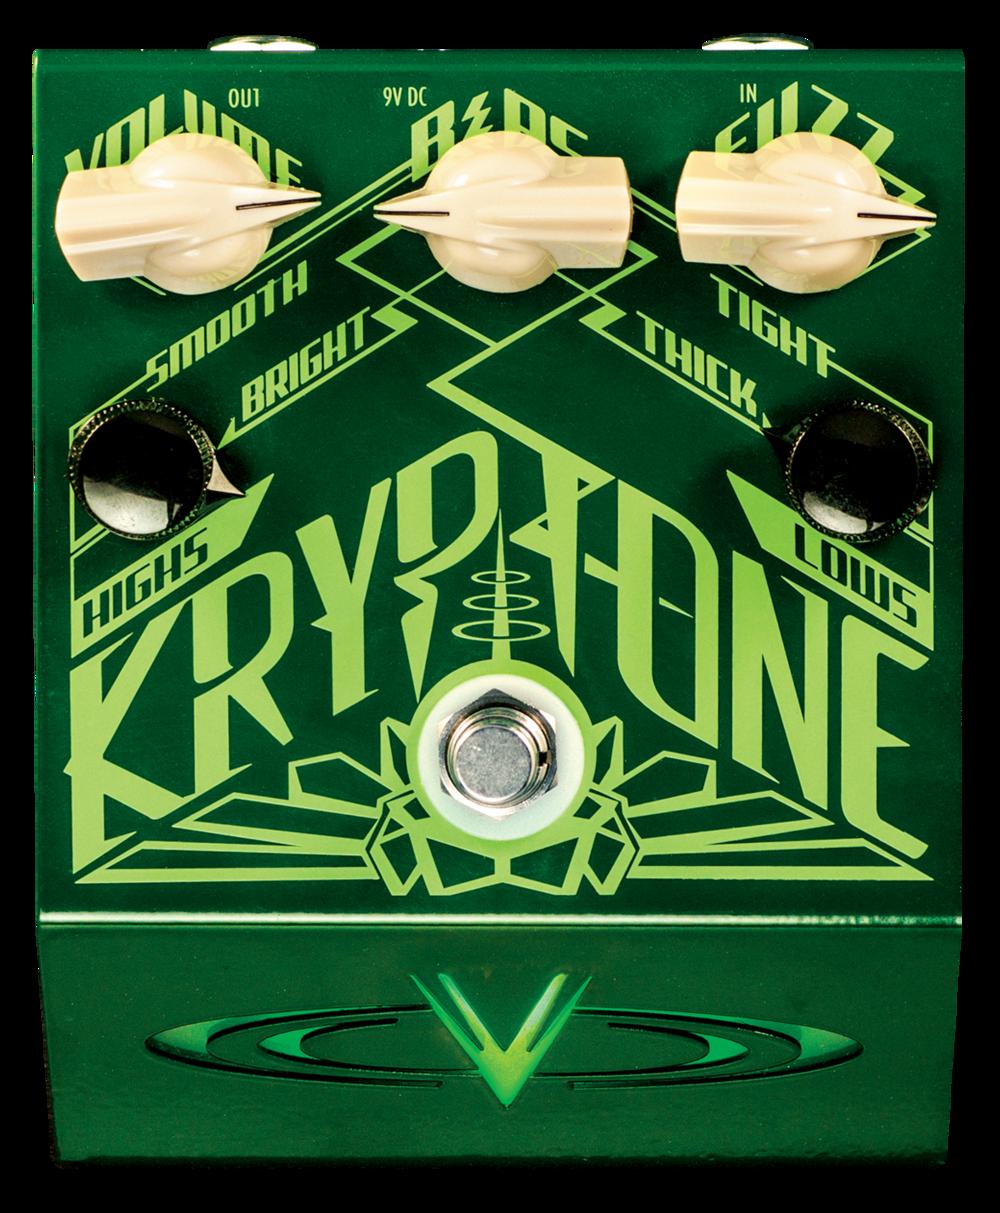 kryptone_site.png